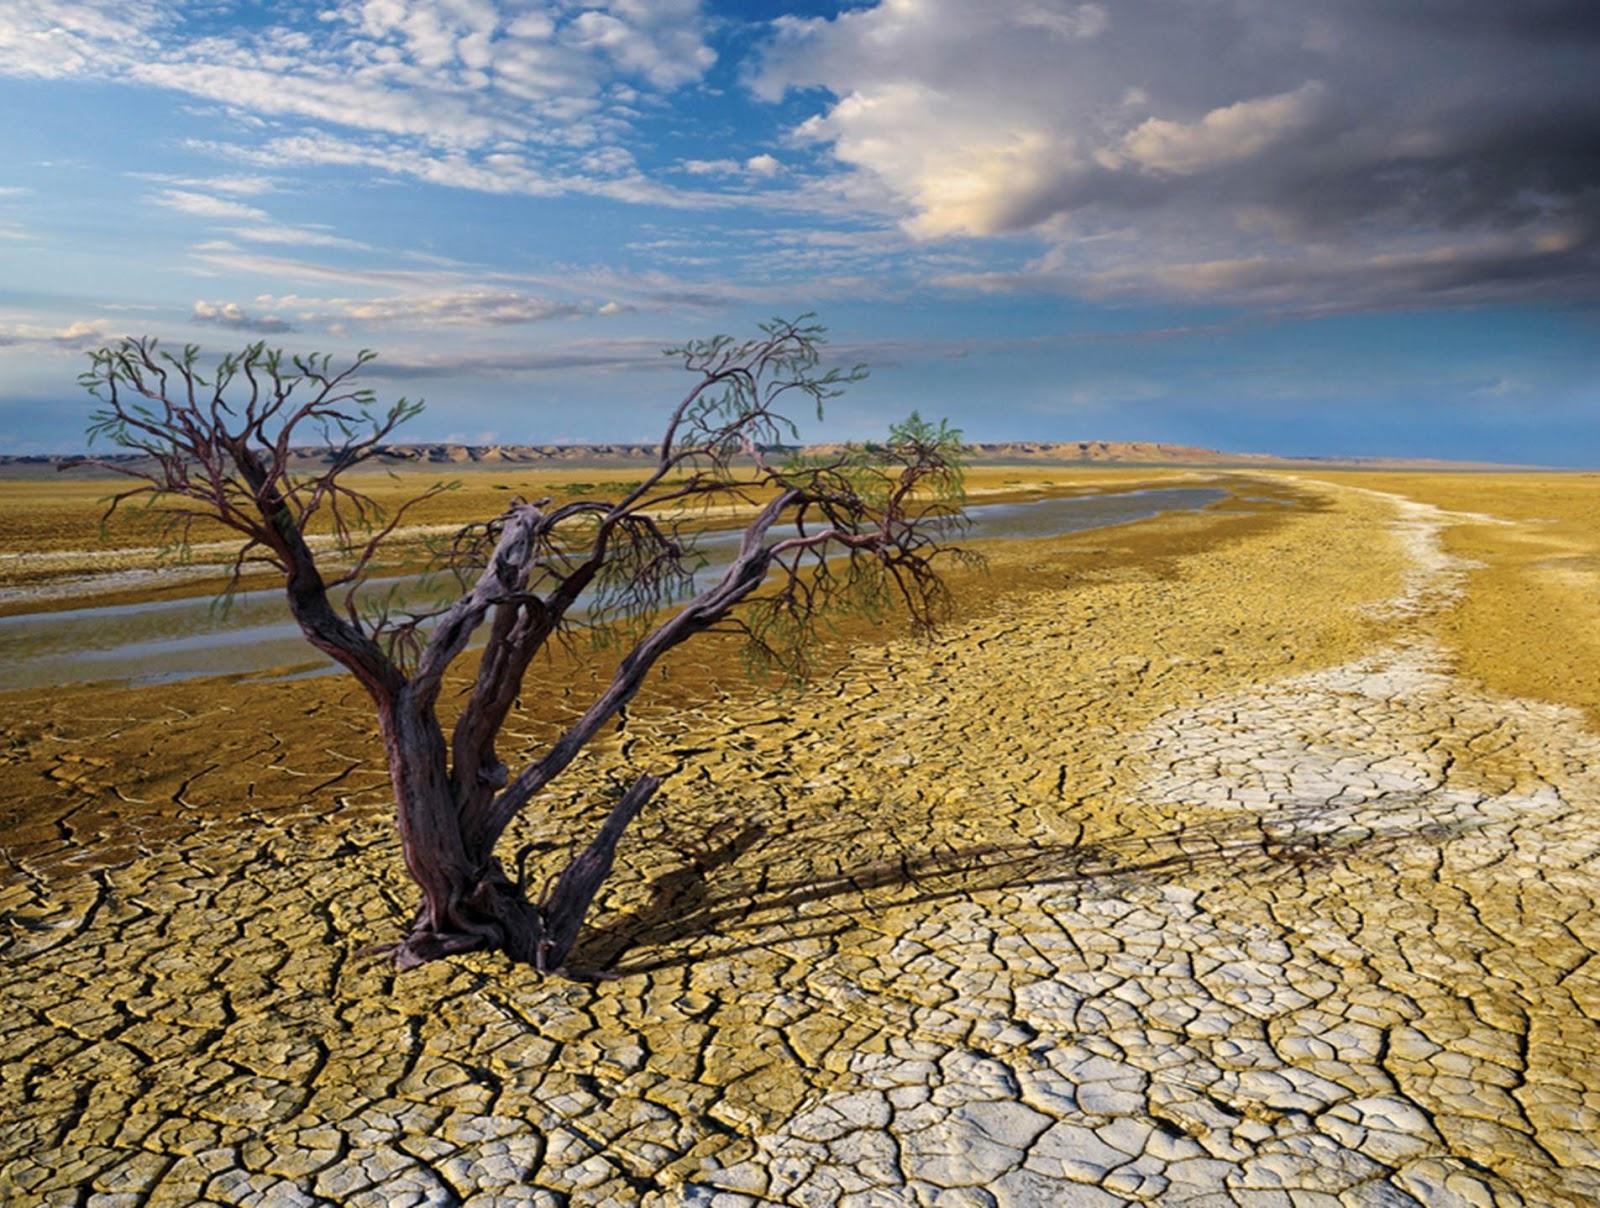 المنطقة العربية مهددة مائياً بحلول عام 2040